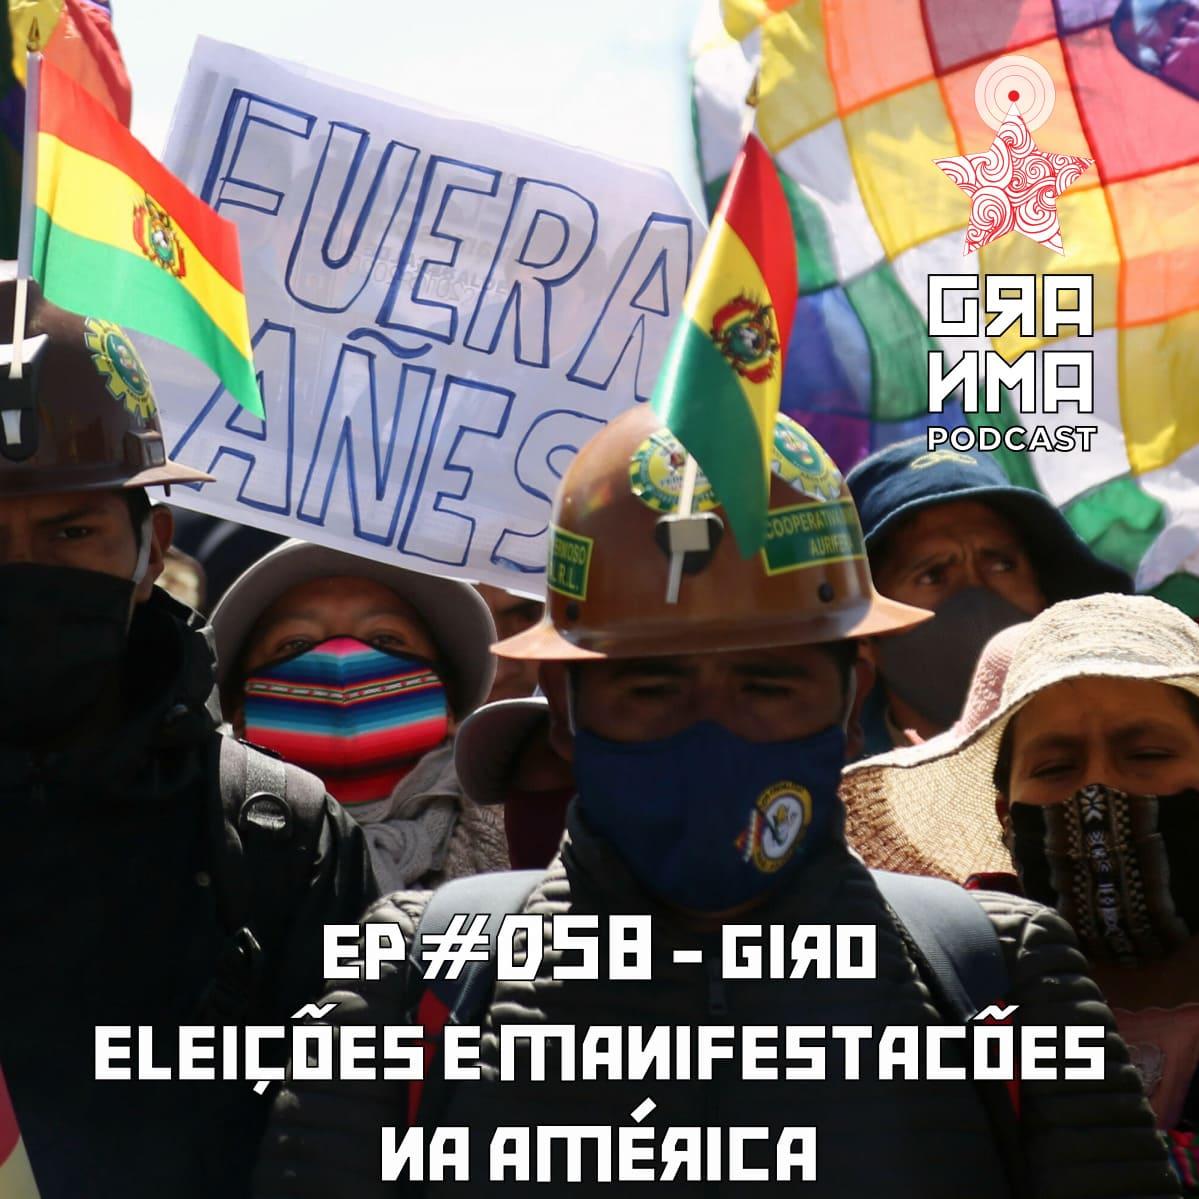 Granma Episódio 58 Giro Eleições e Manifestações na América